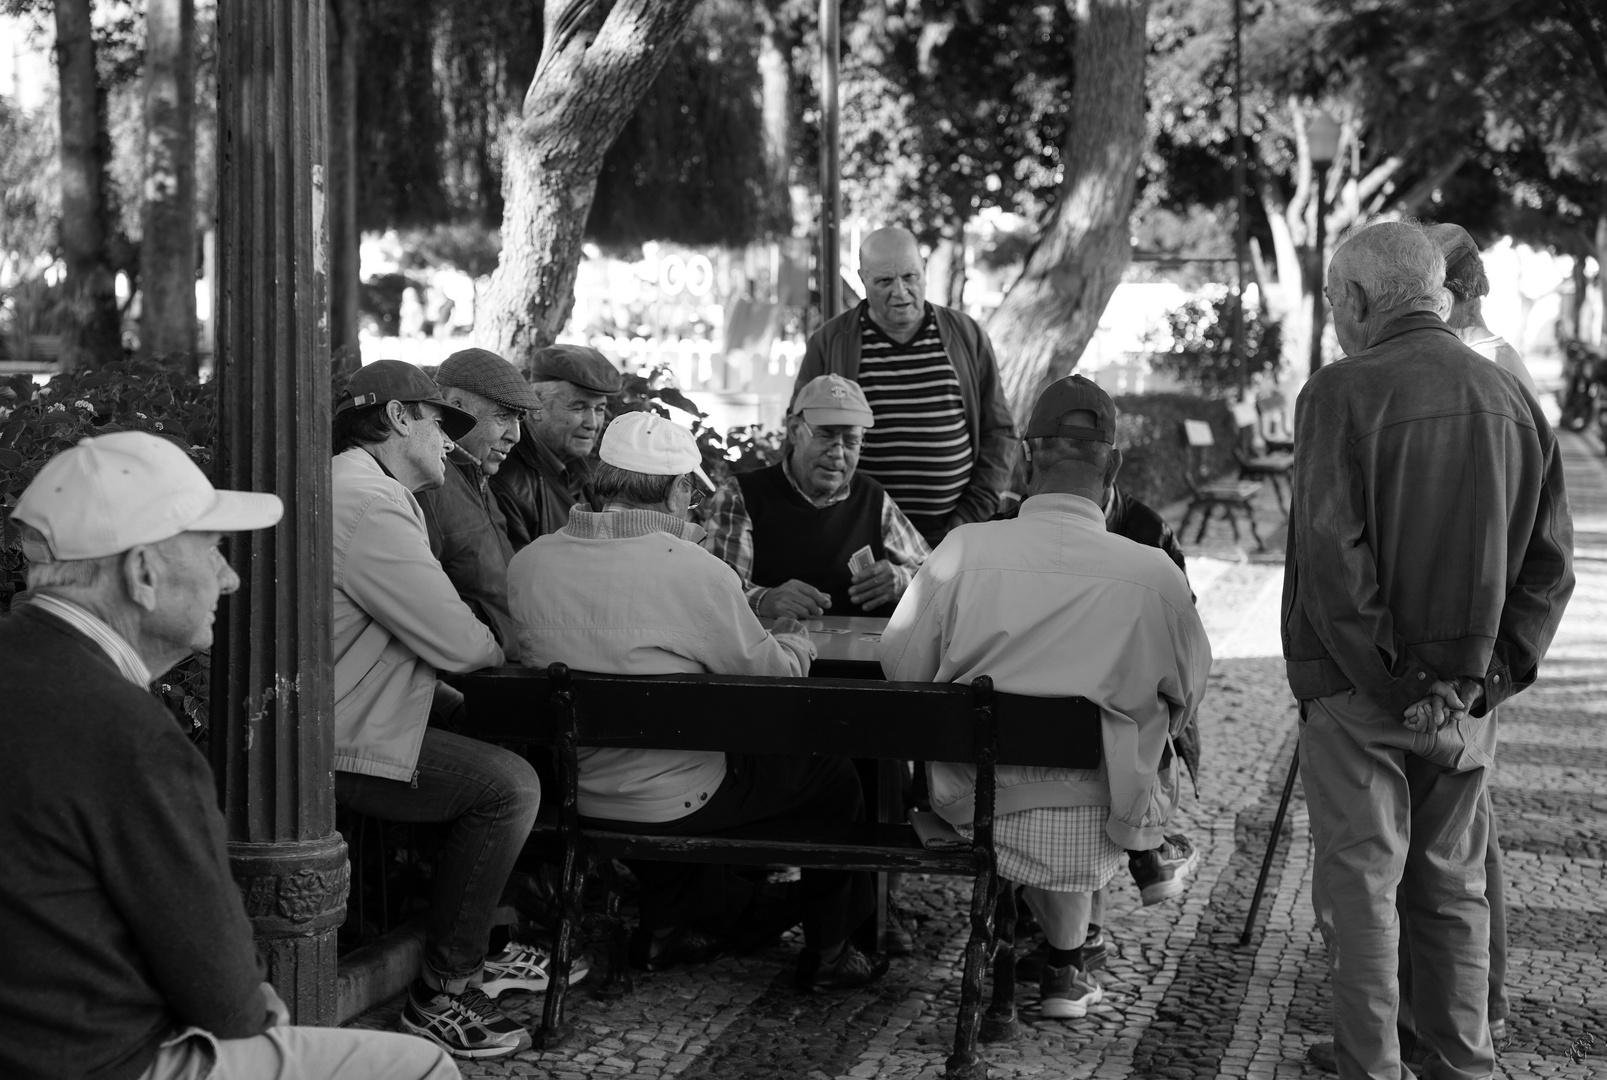 les joueurs de cartes... sous surveillance -:))))